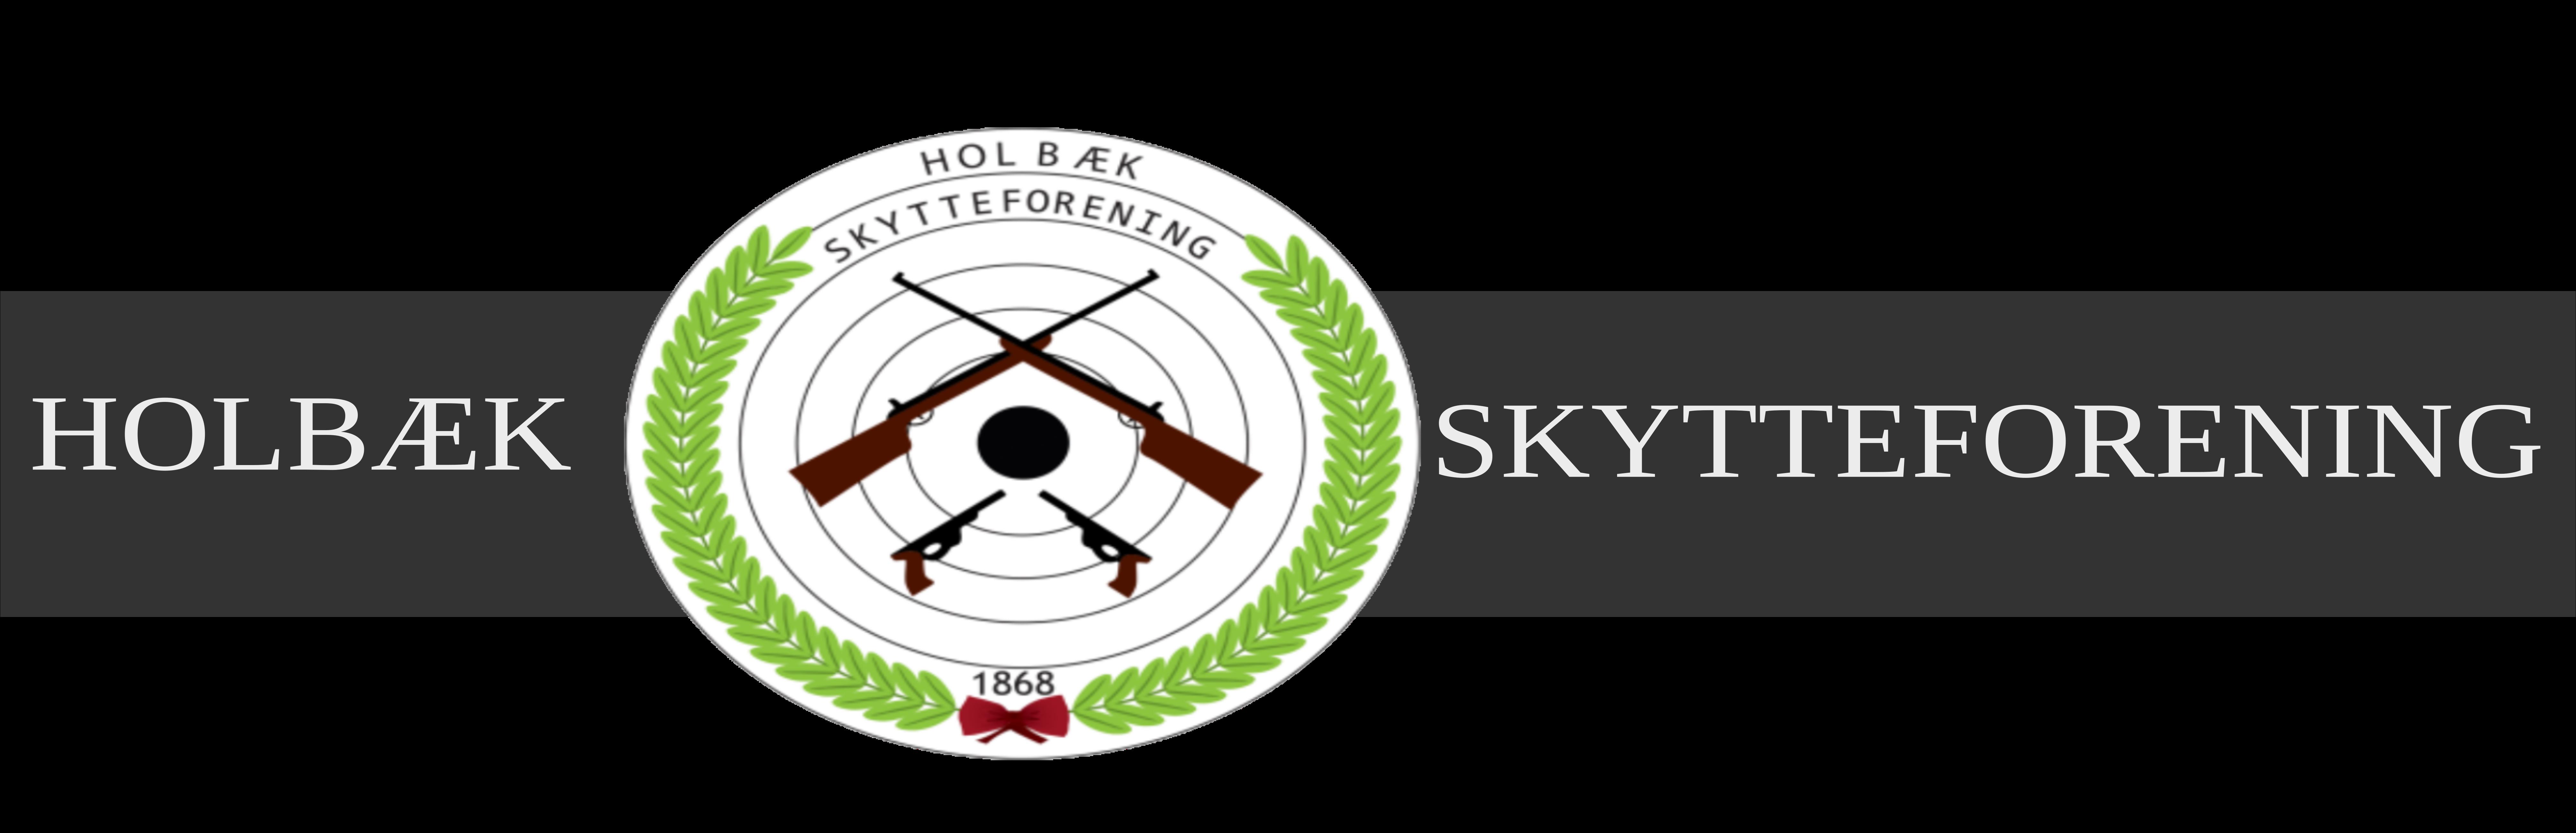 Holbæk Skytteforening